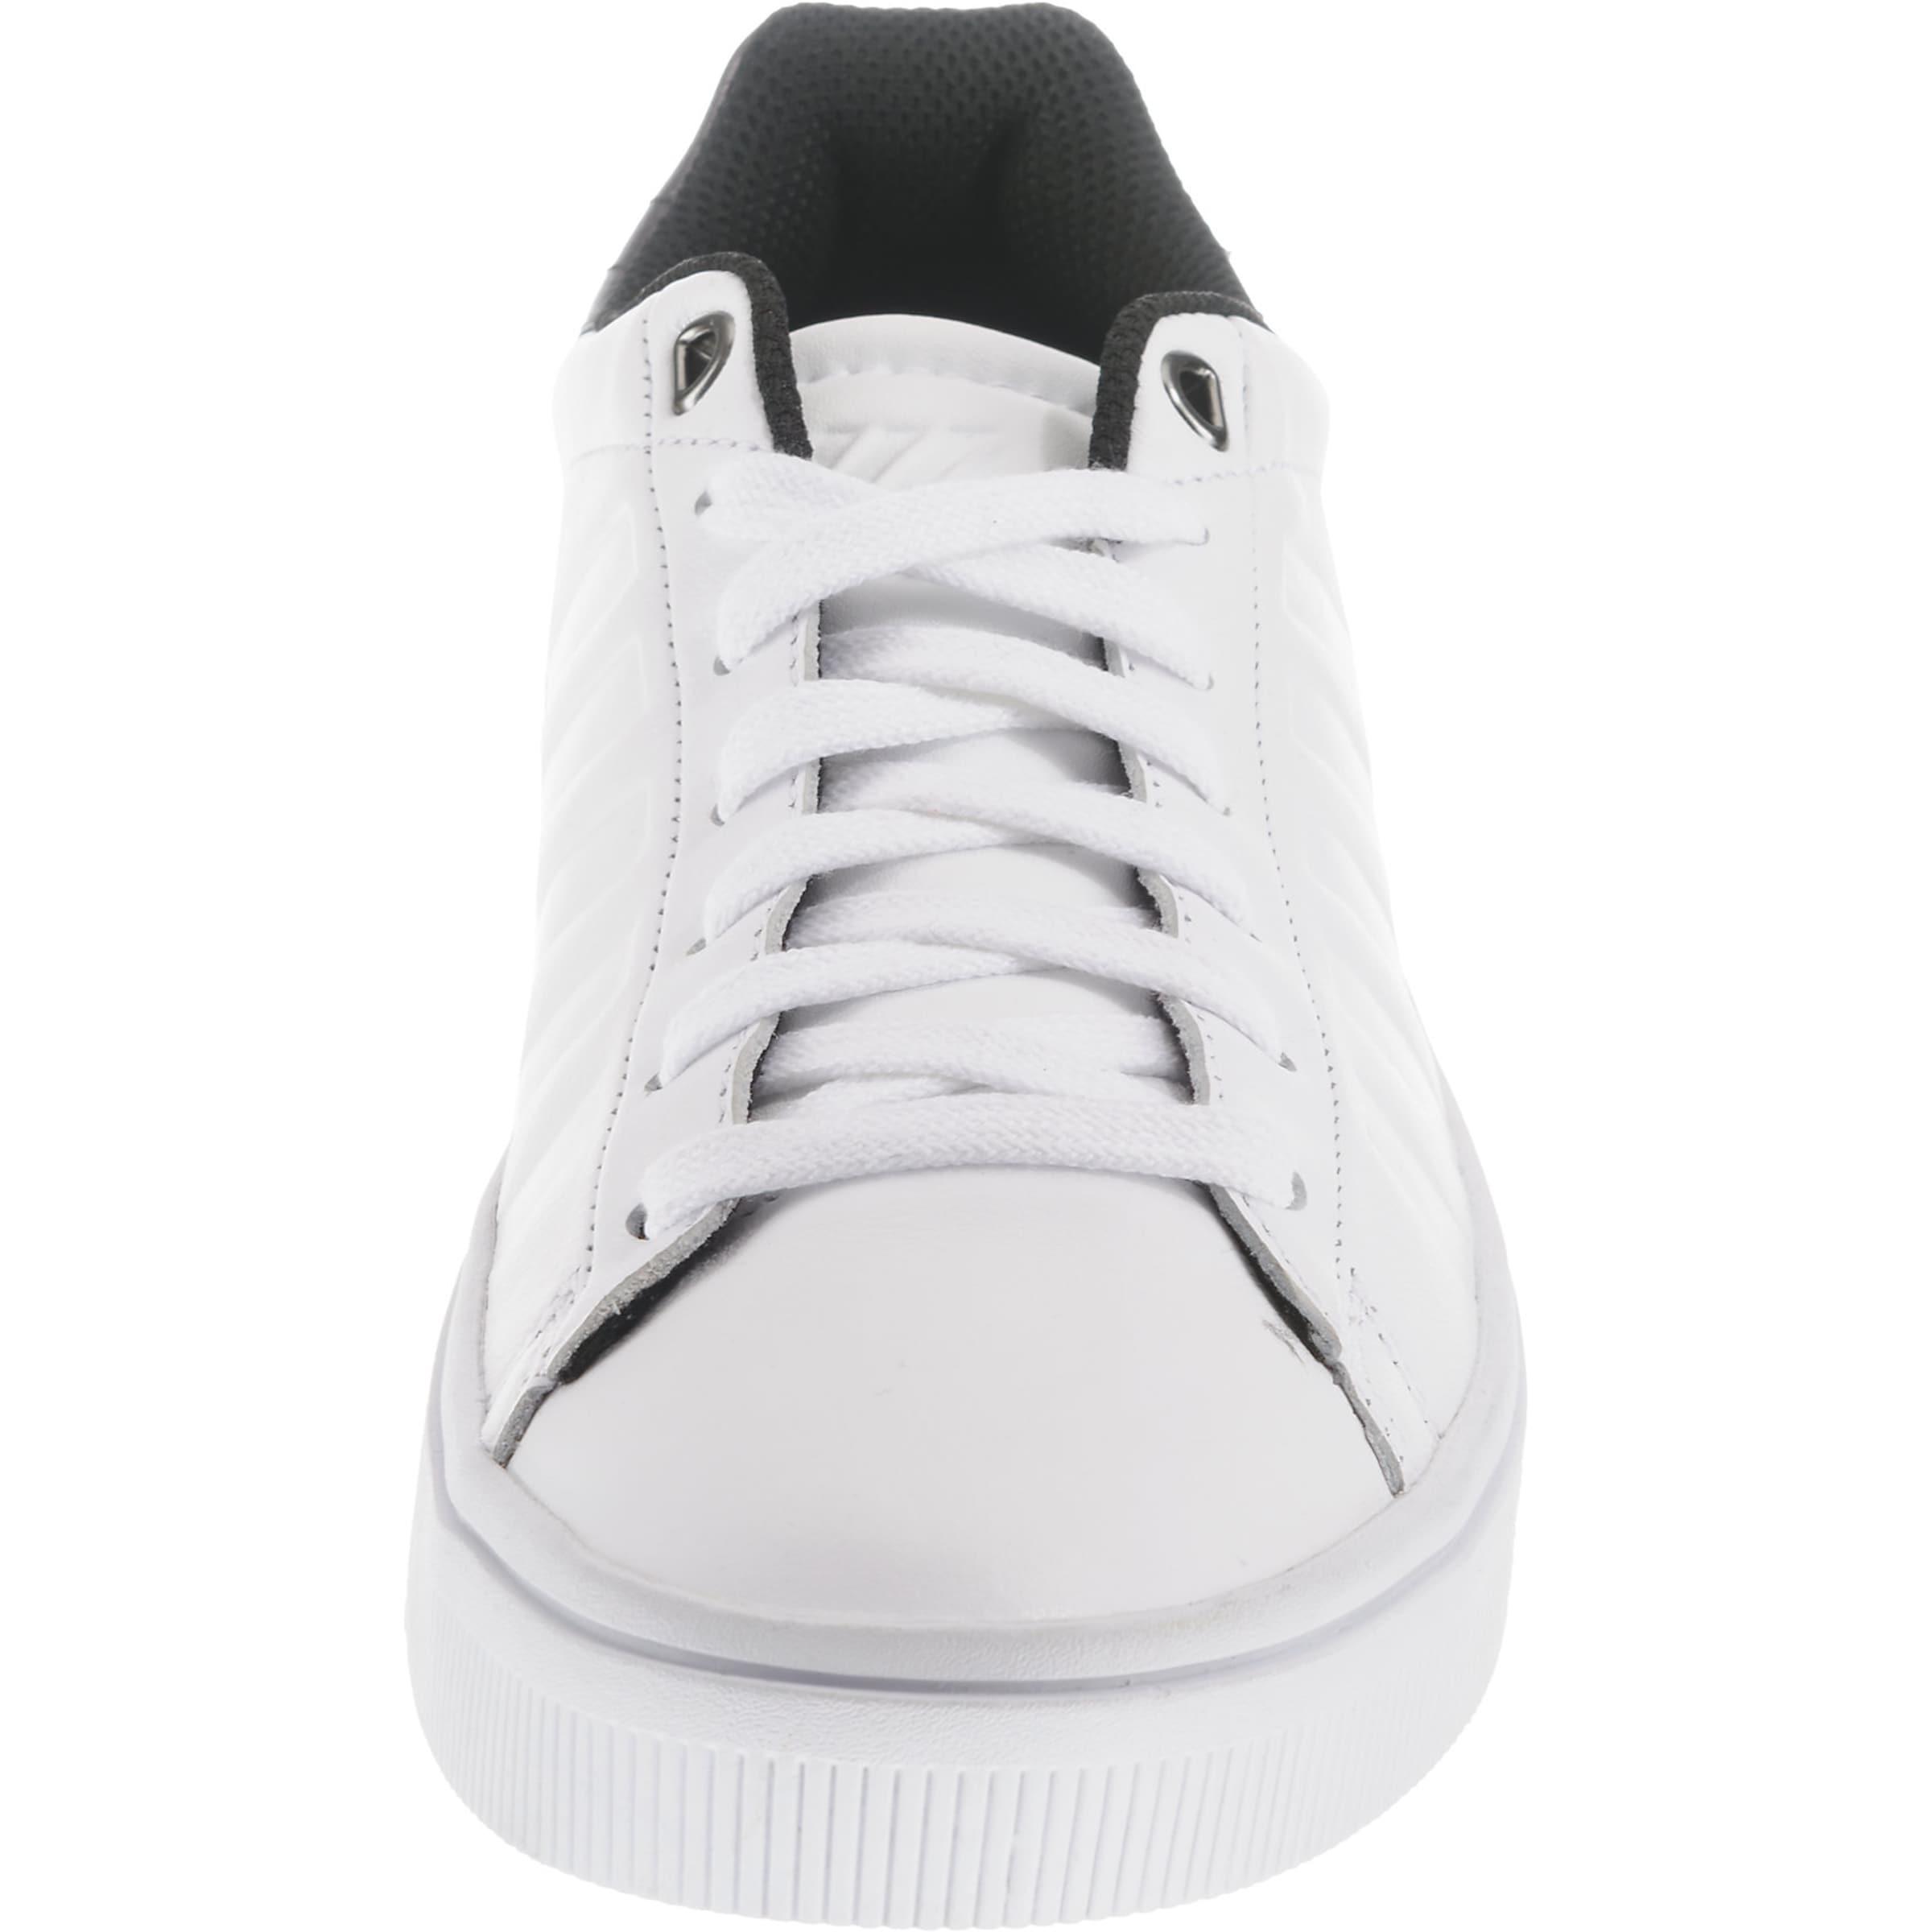 Weiß K swiss Sneakers 'court Frasco' In Low StoneSchwarz 1lFJKTc